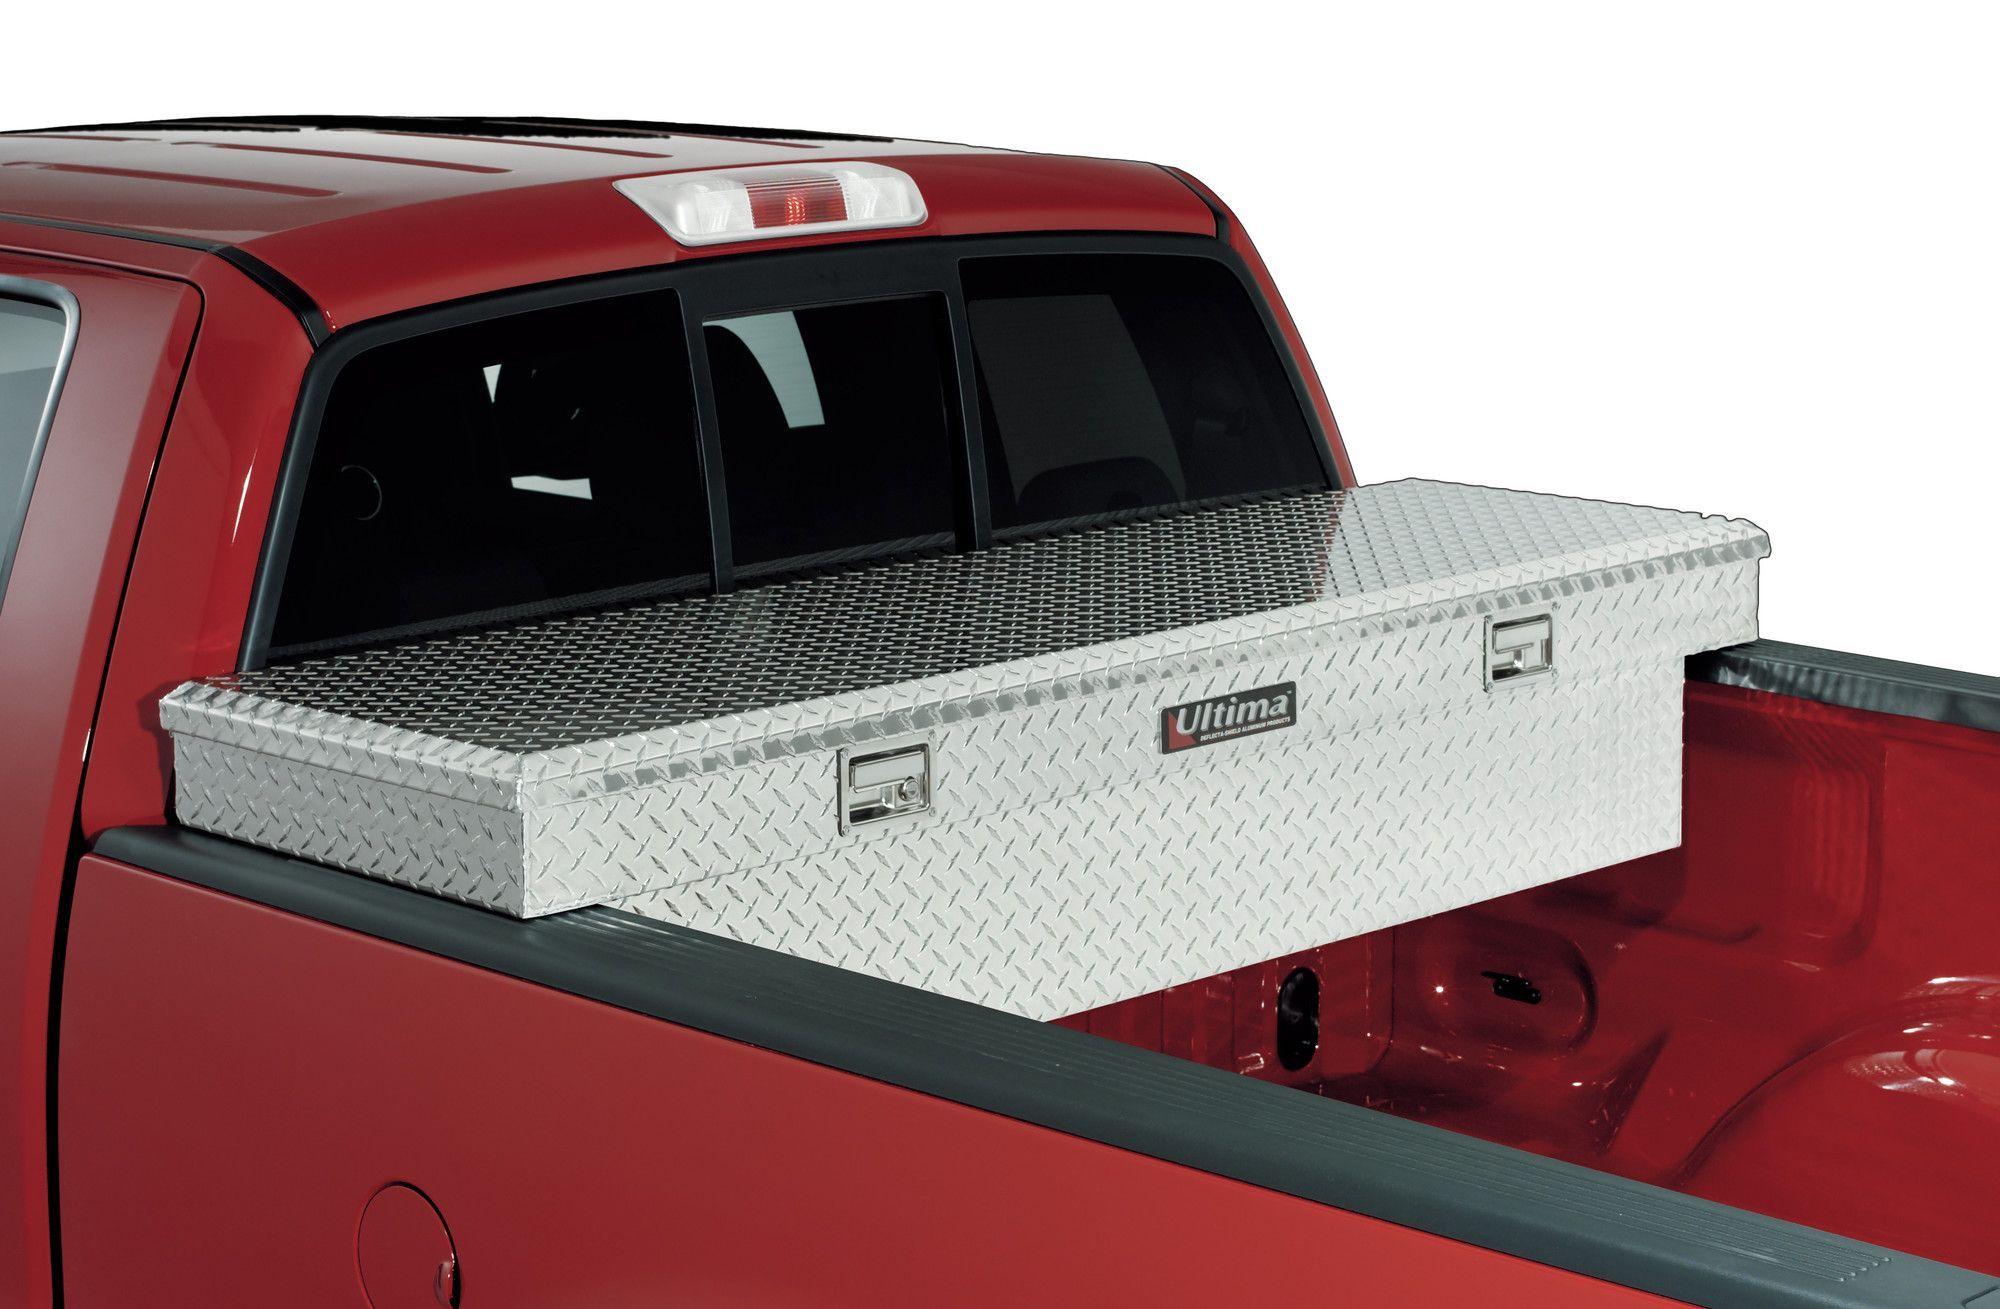 Full Lid Cross Bed Truck Tool Box Truck tool box, Truck